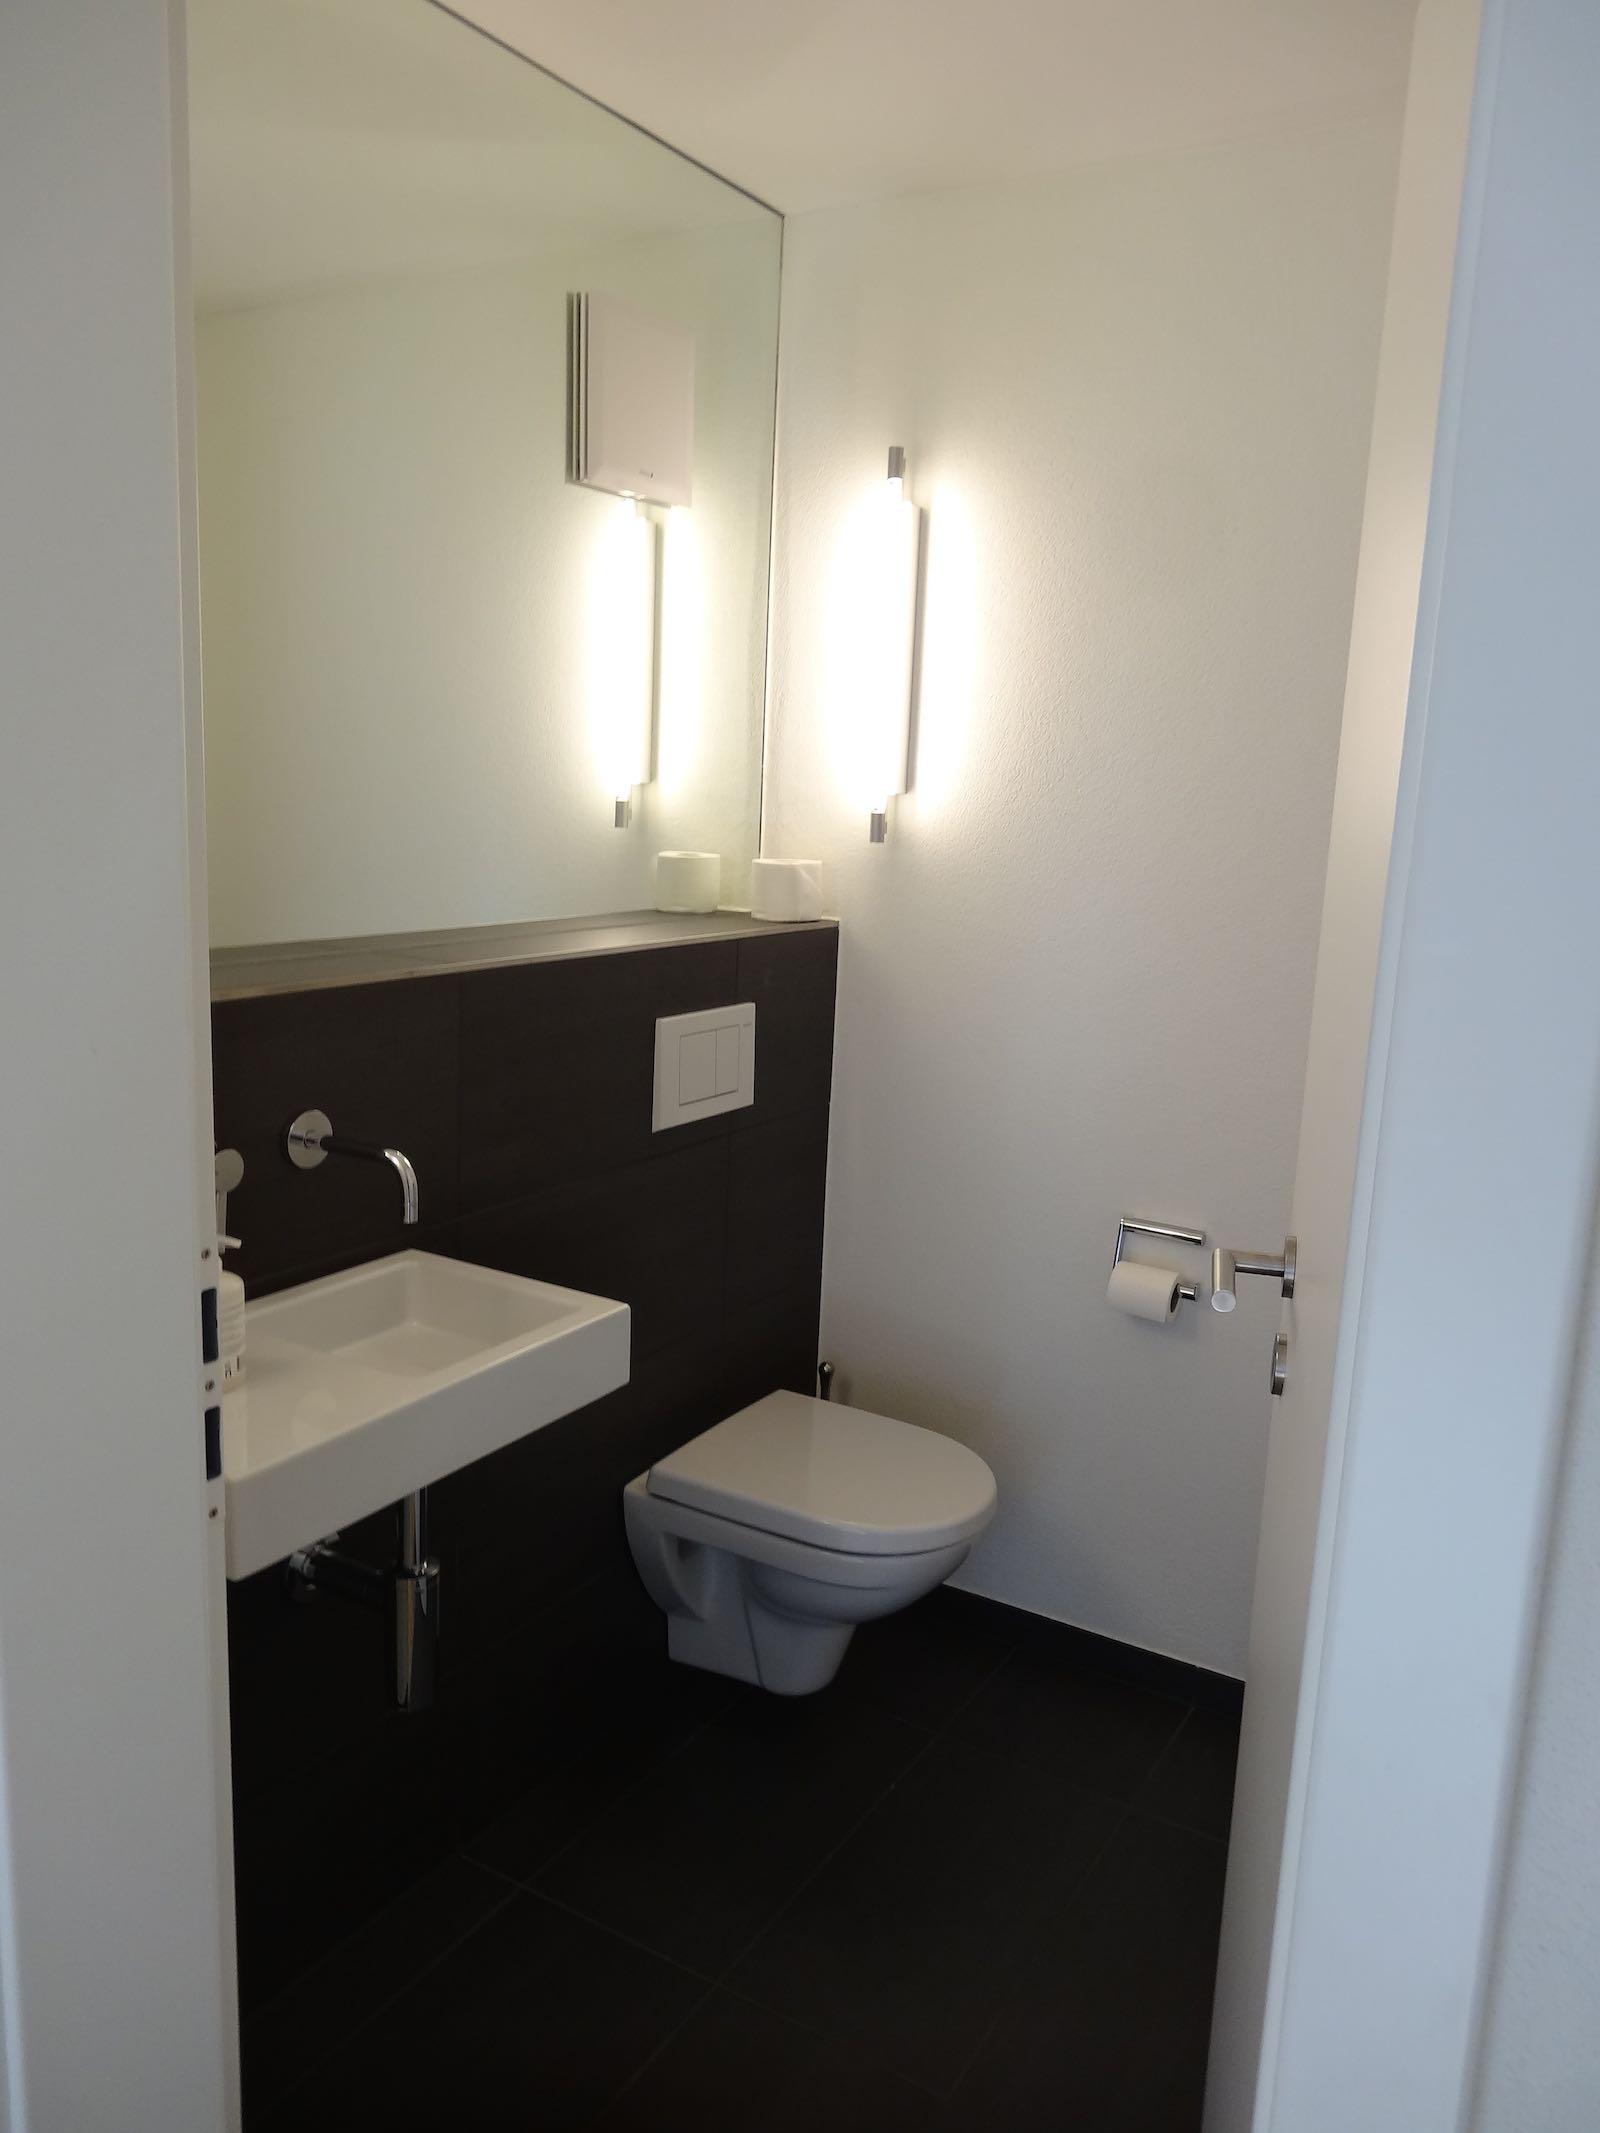 http://hoteljungfrau.ch/wp-content/uploads/2014/11/jungfrau-lodge-15.jpg